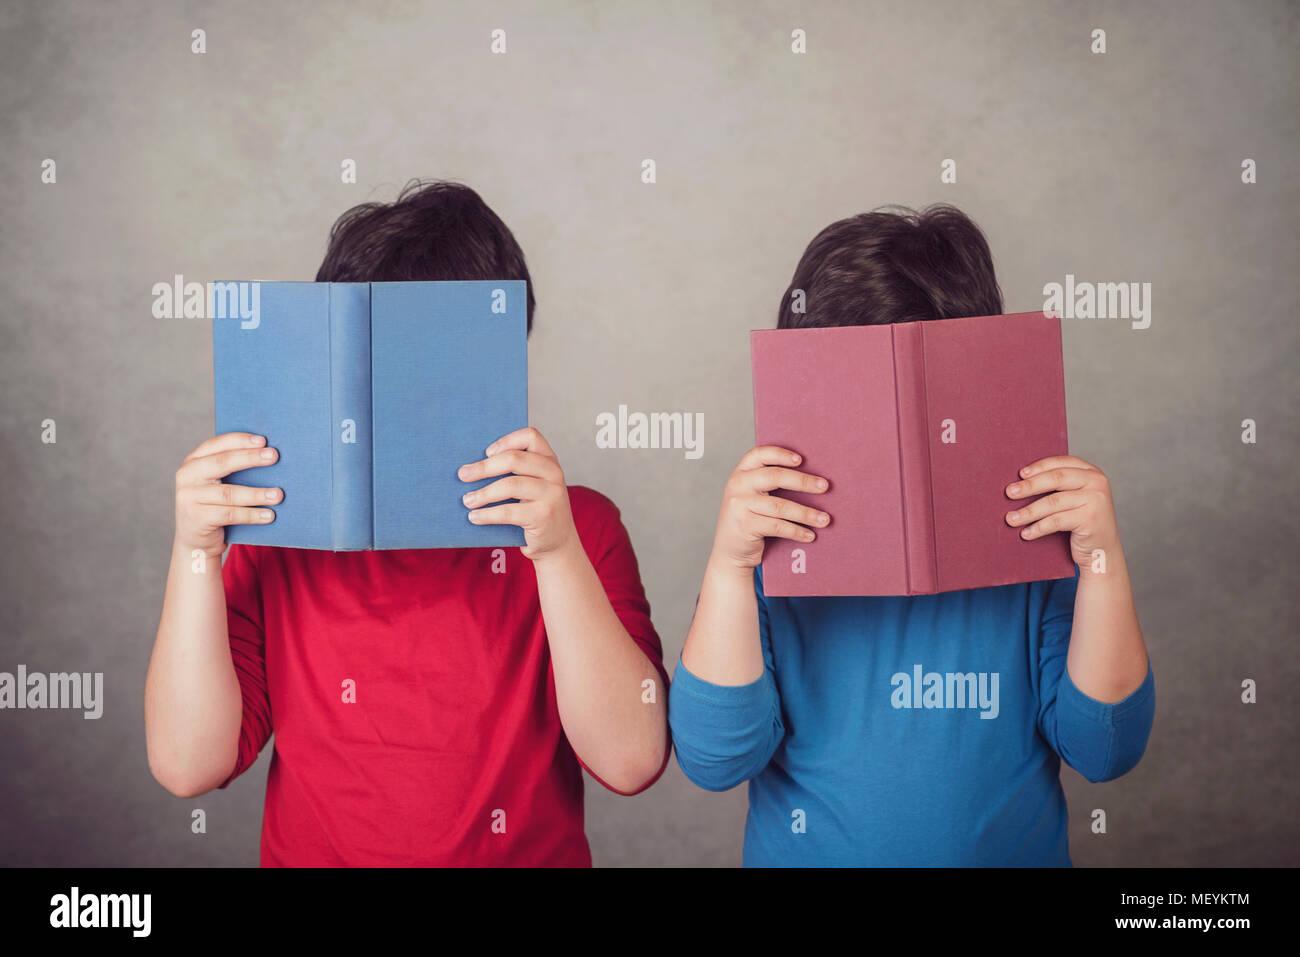 Los niños leyendo un libro sobre fondo gris Imagen De Stock